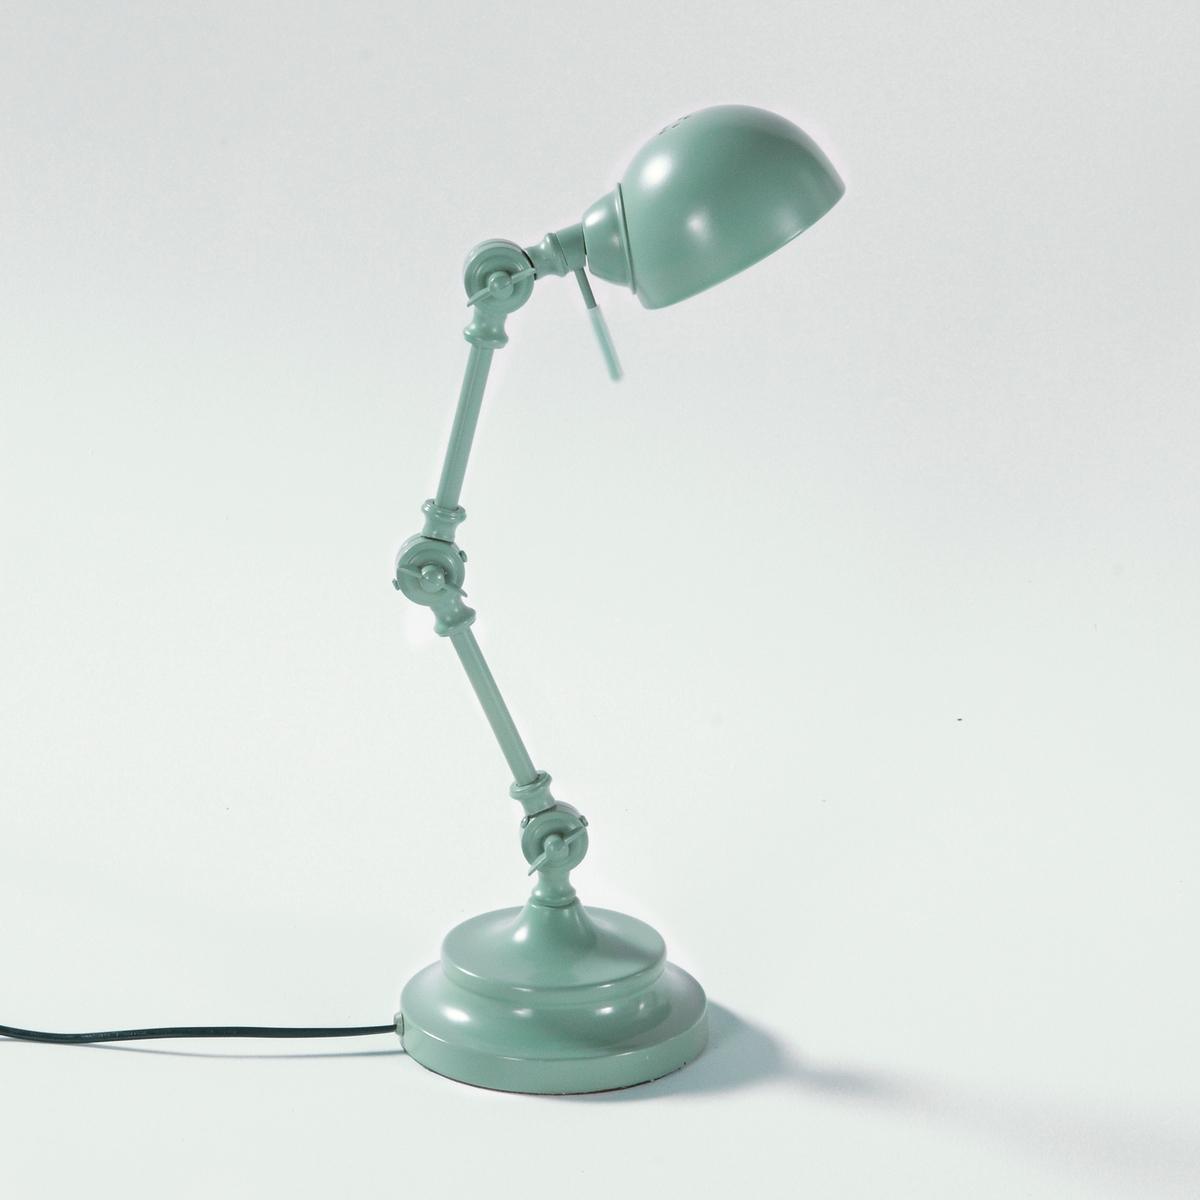 Lampada da scrivania, in metallo, stile industriale, KIKAN